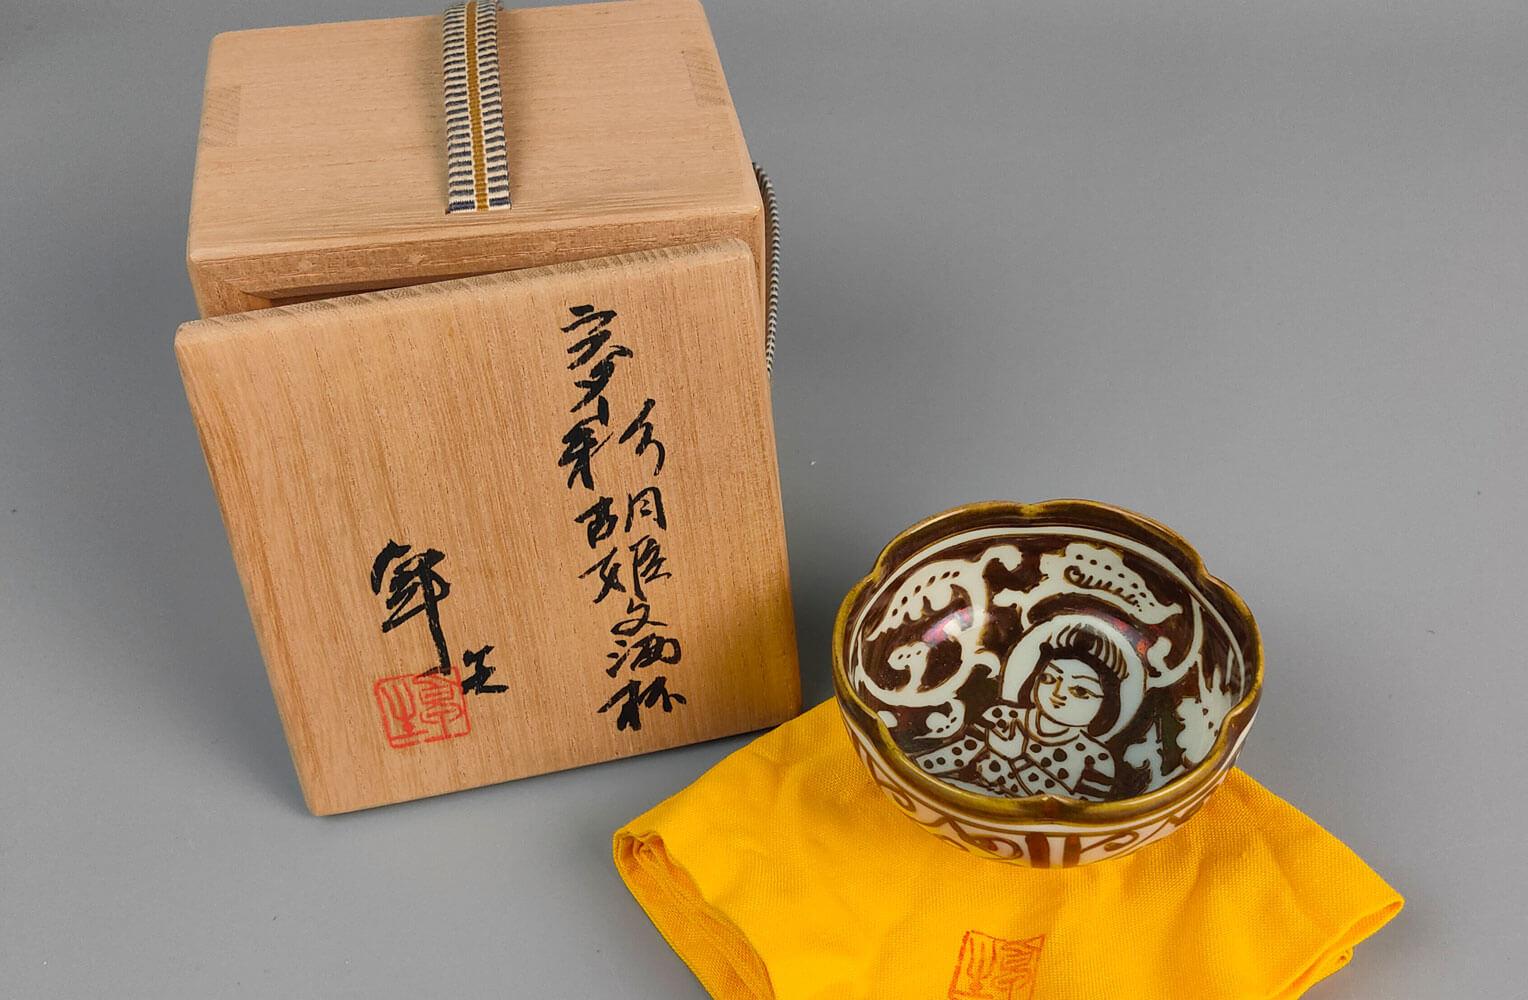 加藤卓男 ラスター彩胡姫文酒杯